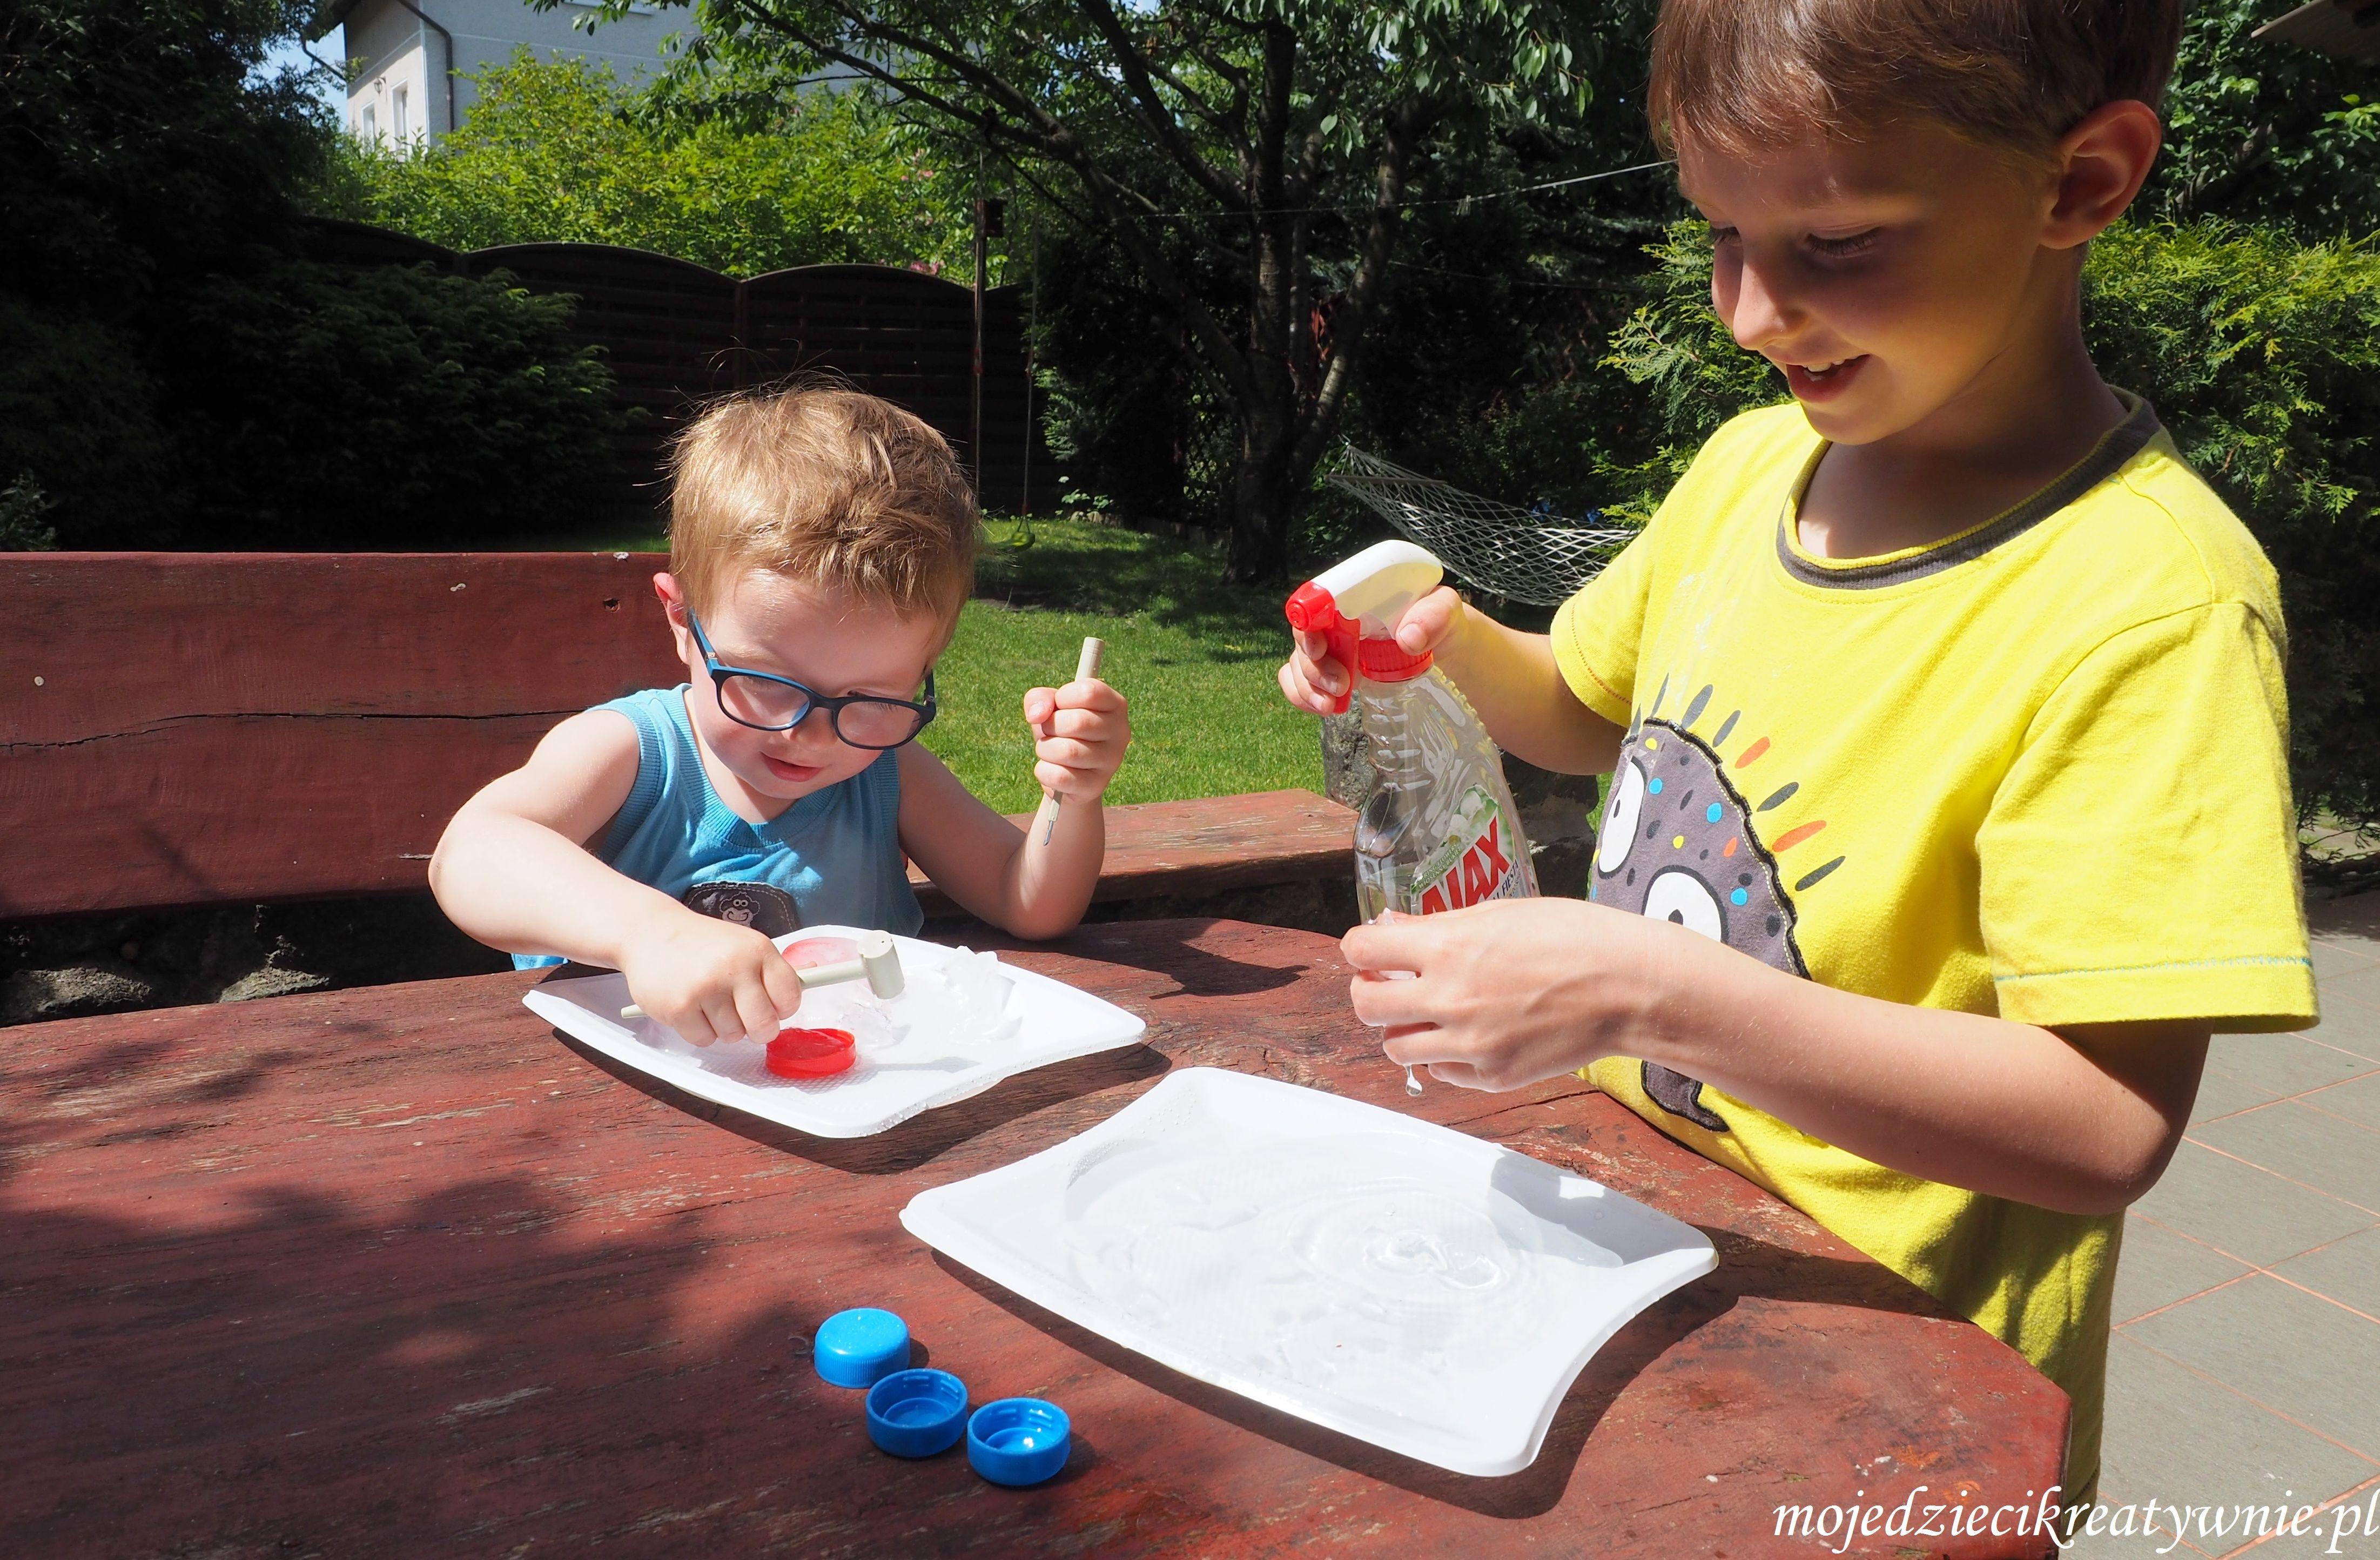 Zabawy z lodem, eksperymenty, kreatywne spędzanie czasu, rodzinna zabawa, propozycja na lato, zabawy na upał.